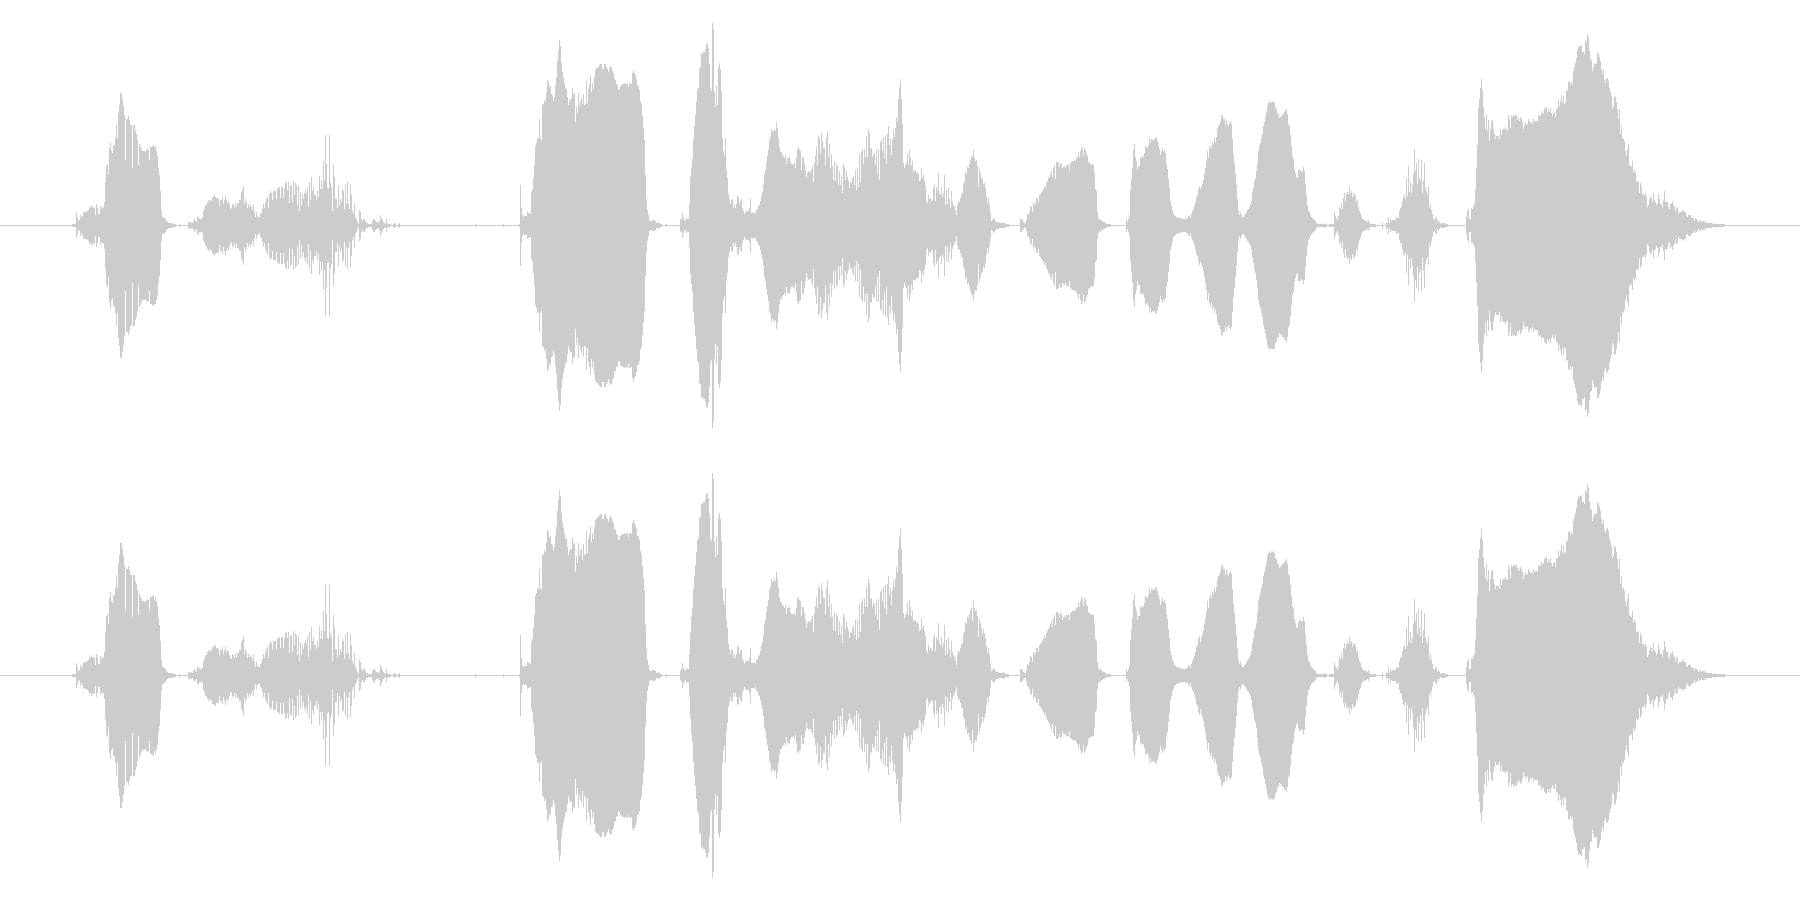 【ラジオ・パーソナリティ・ED】今日こ…の未再生の波形